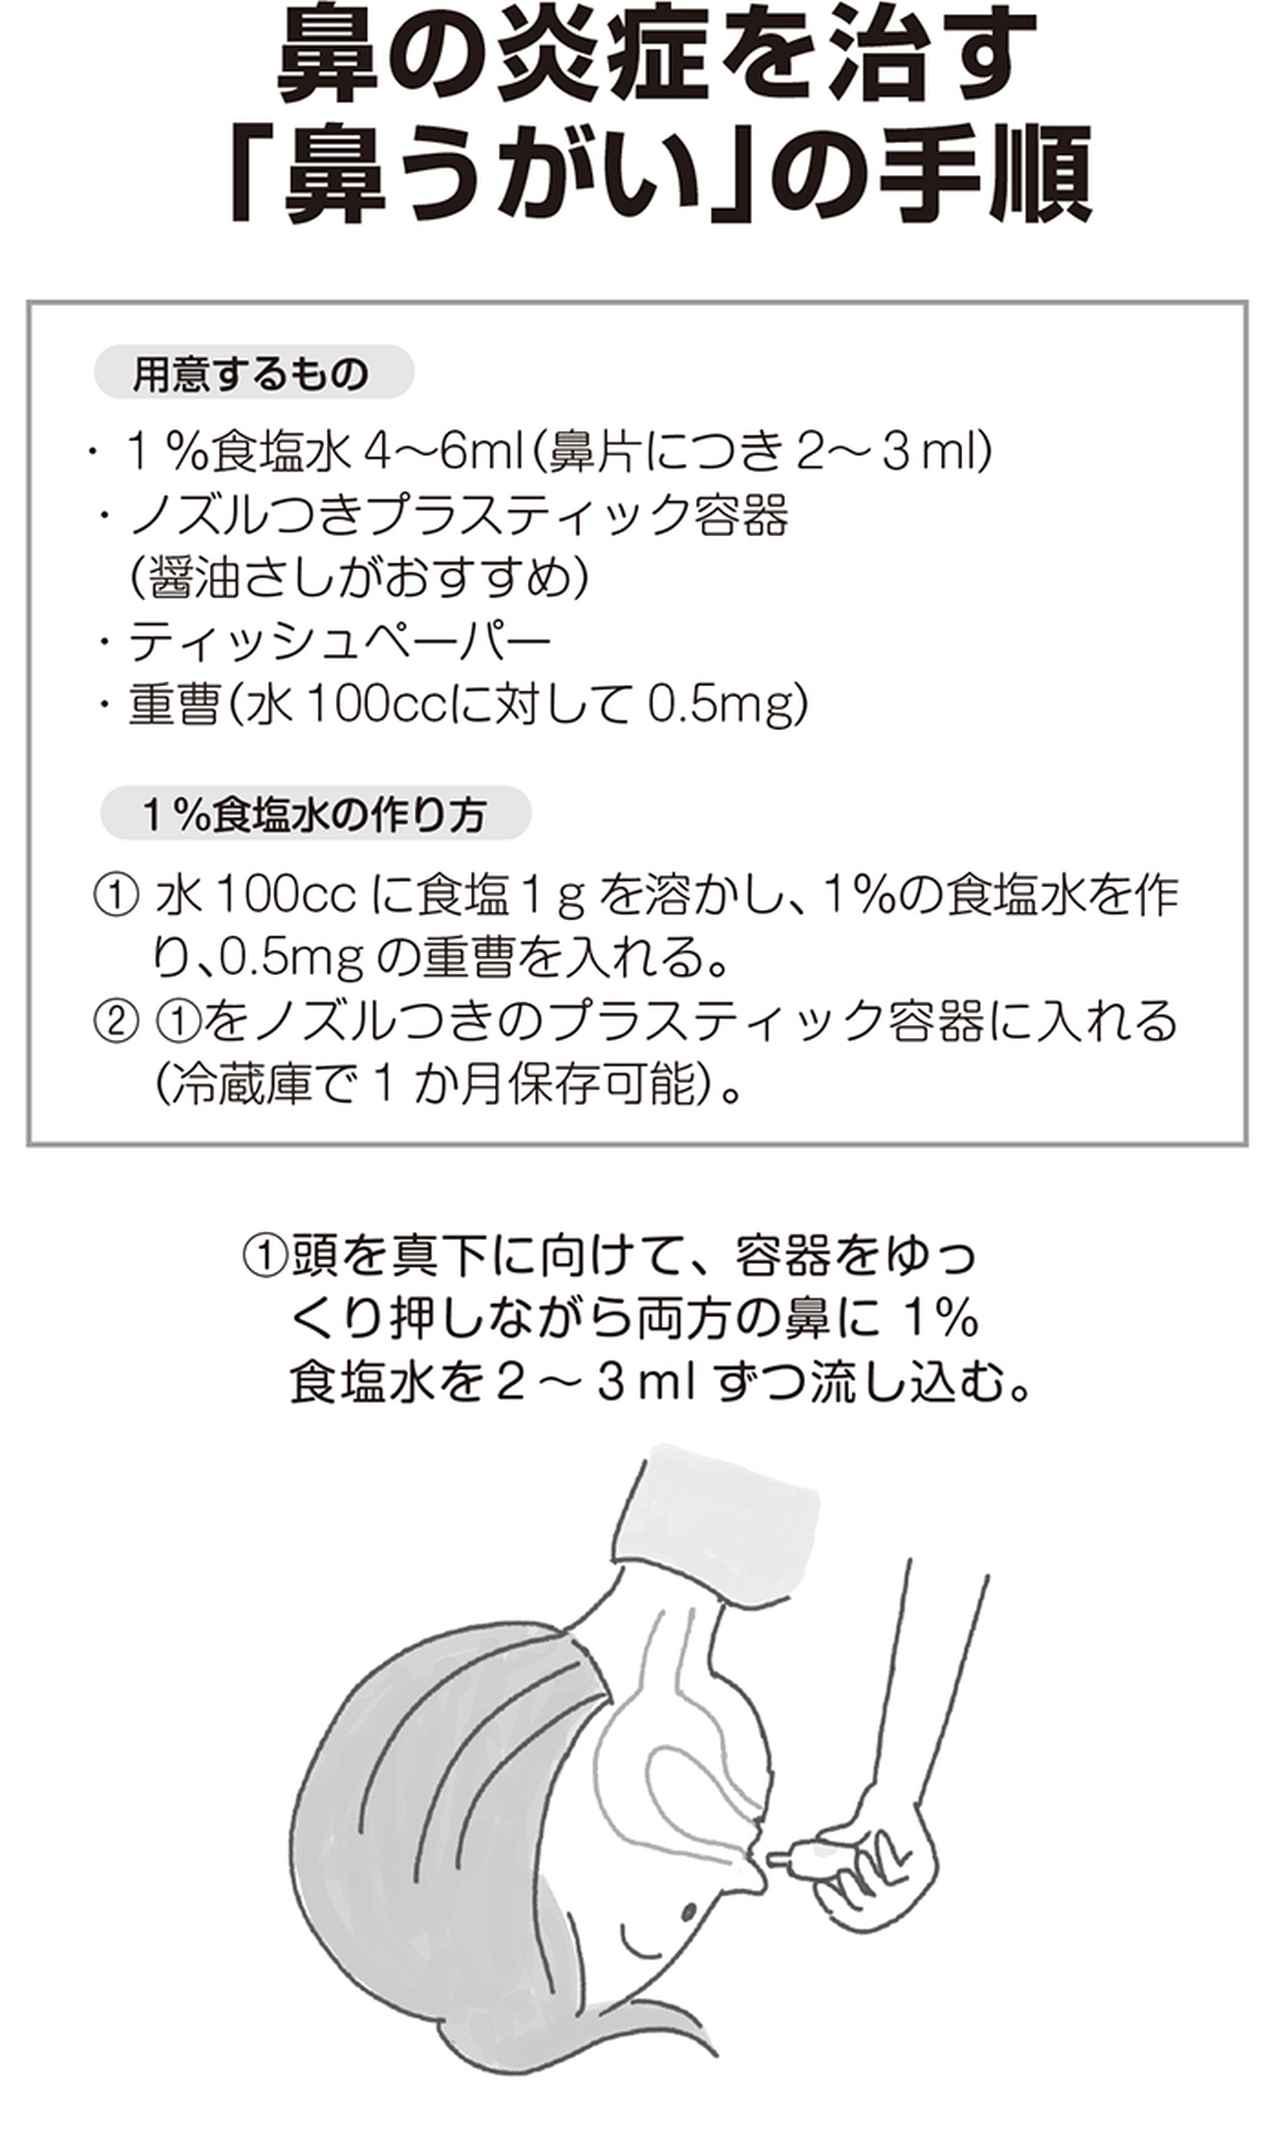 画像1: 鼻うがいのやり方と手順